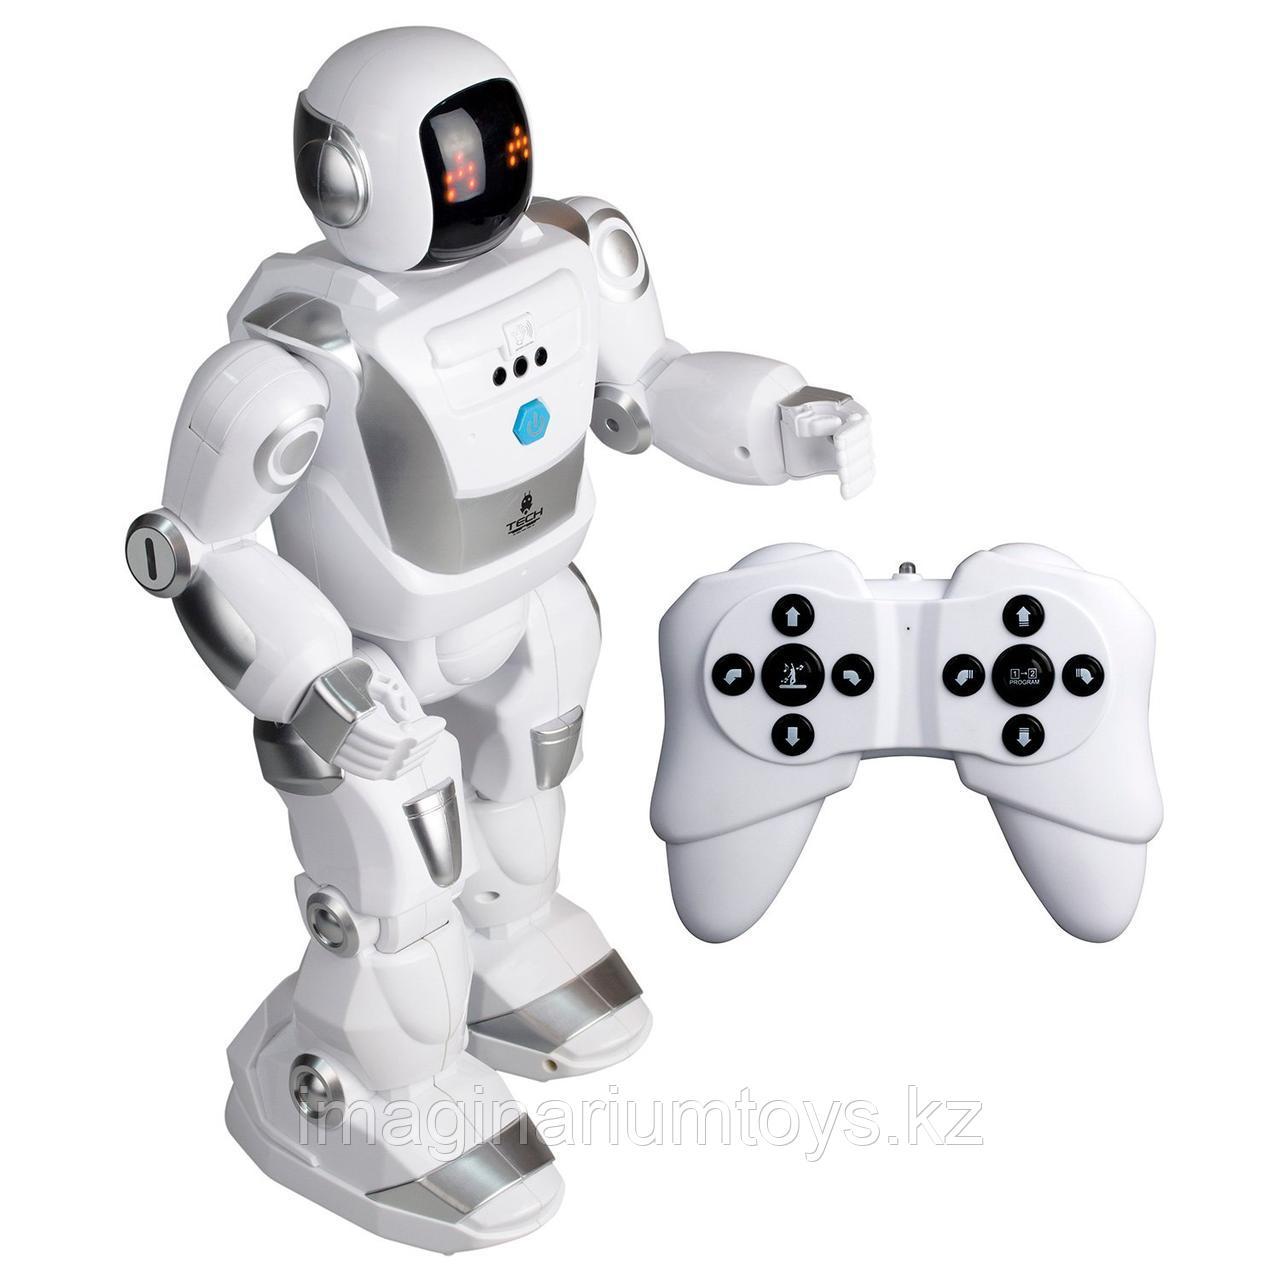 Робот программируемый X новое поколение YCOO 40 см